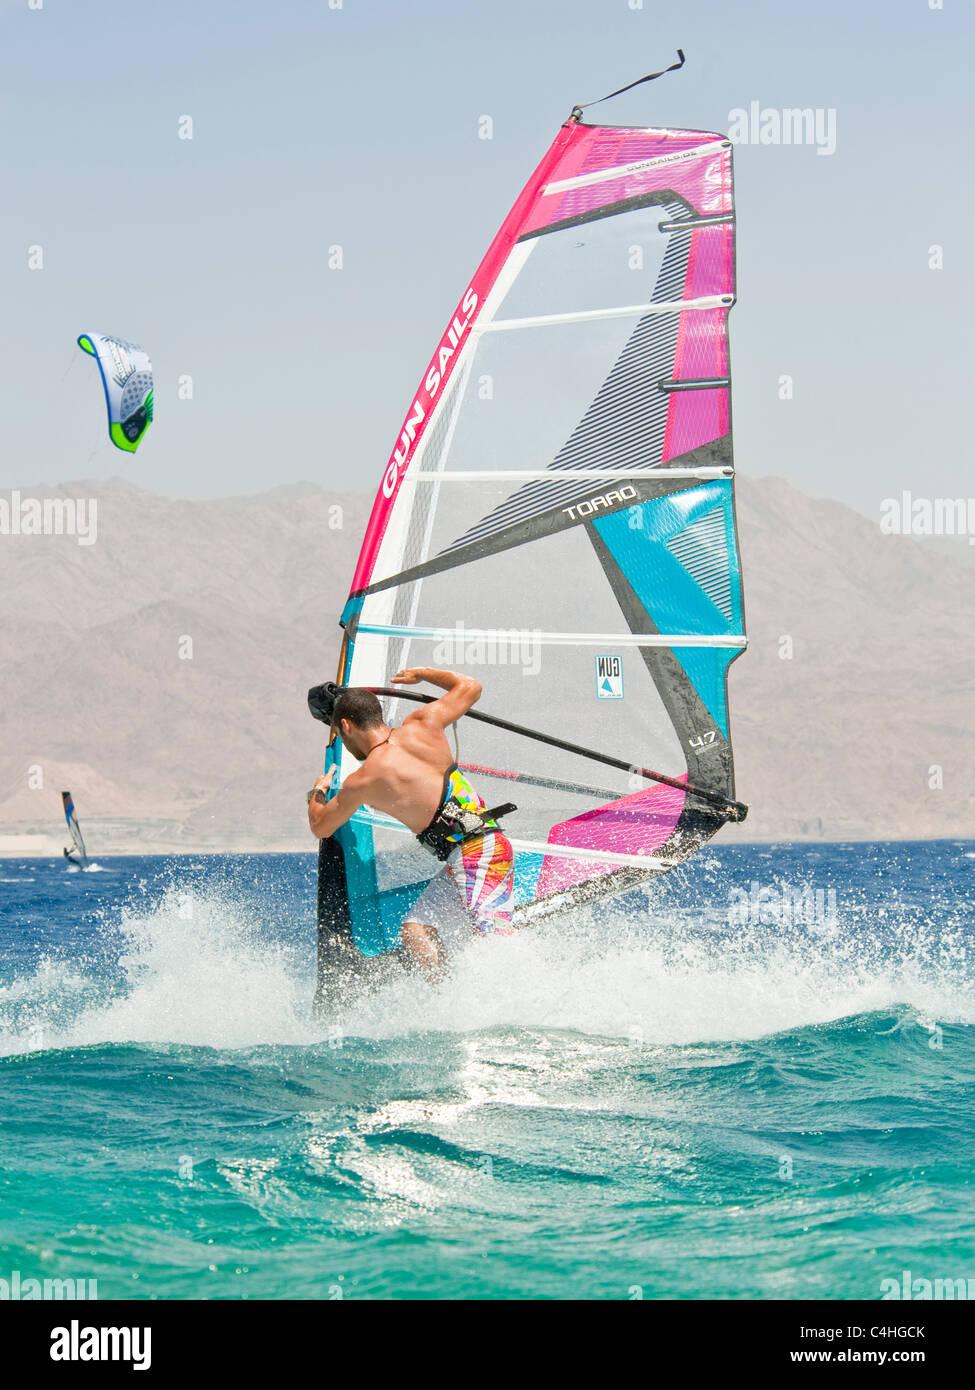 Ein Windsurfer Durchführung tricks am Roten Meer im Resort von Eilat in Israel. Stockfoto